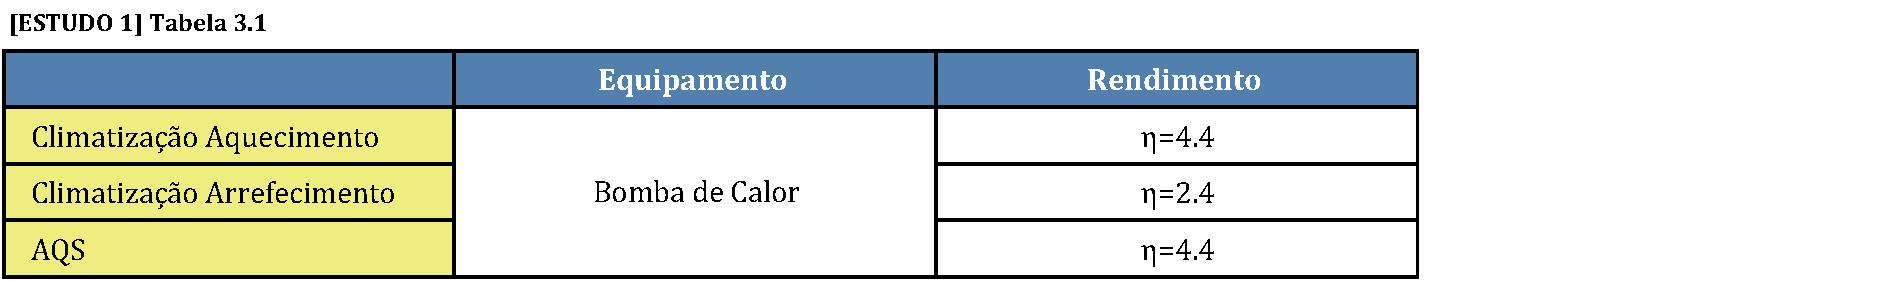 TabelaA3.1.png